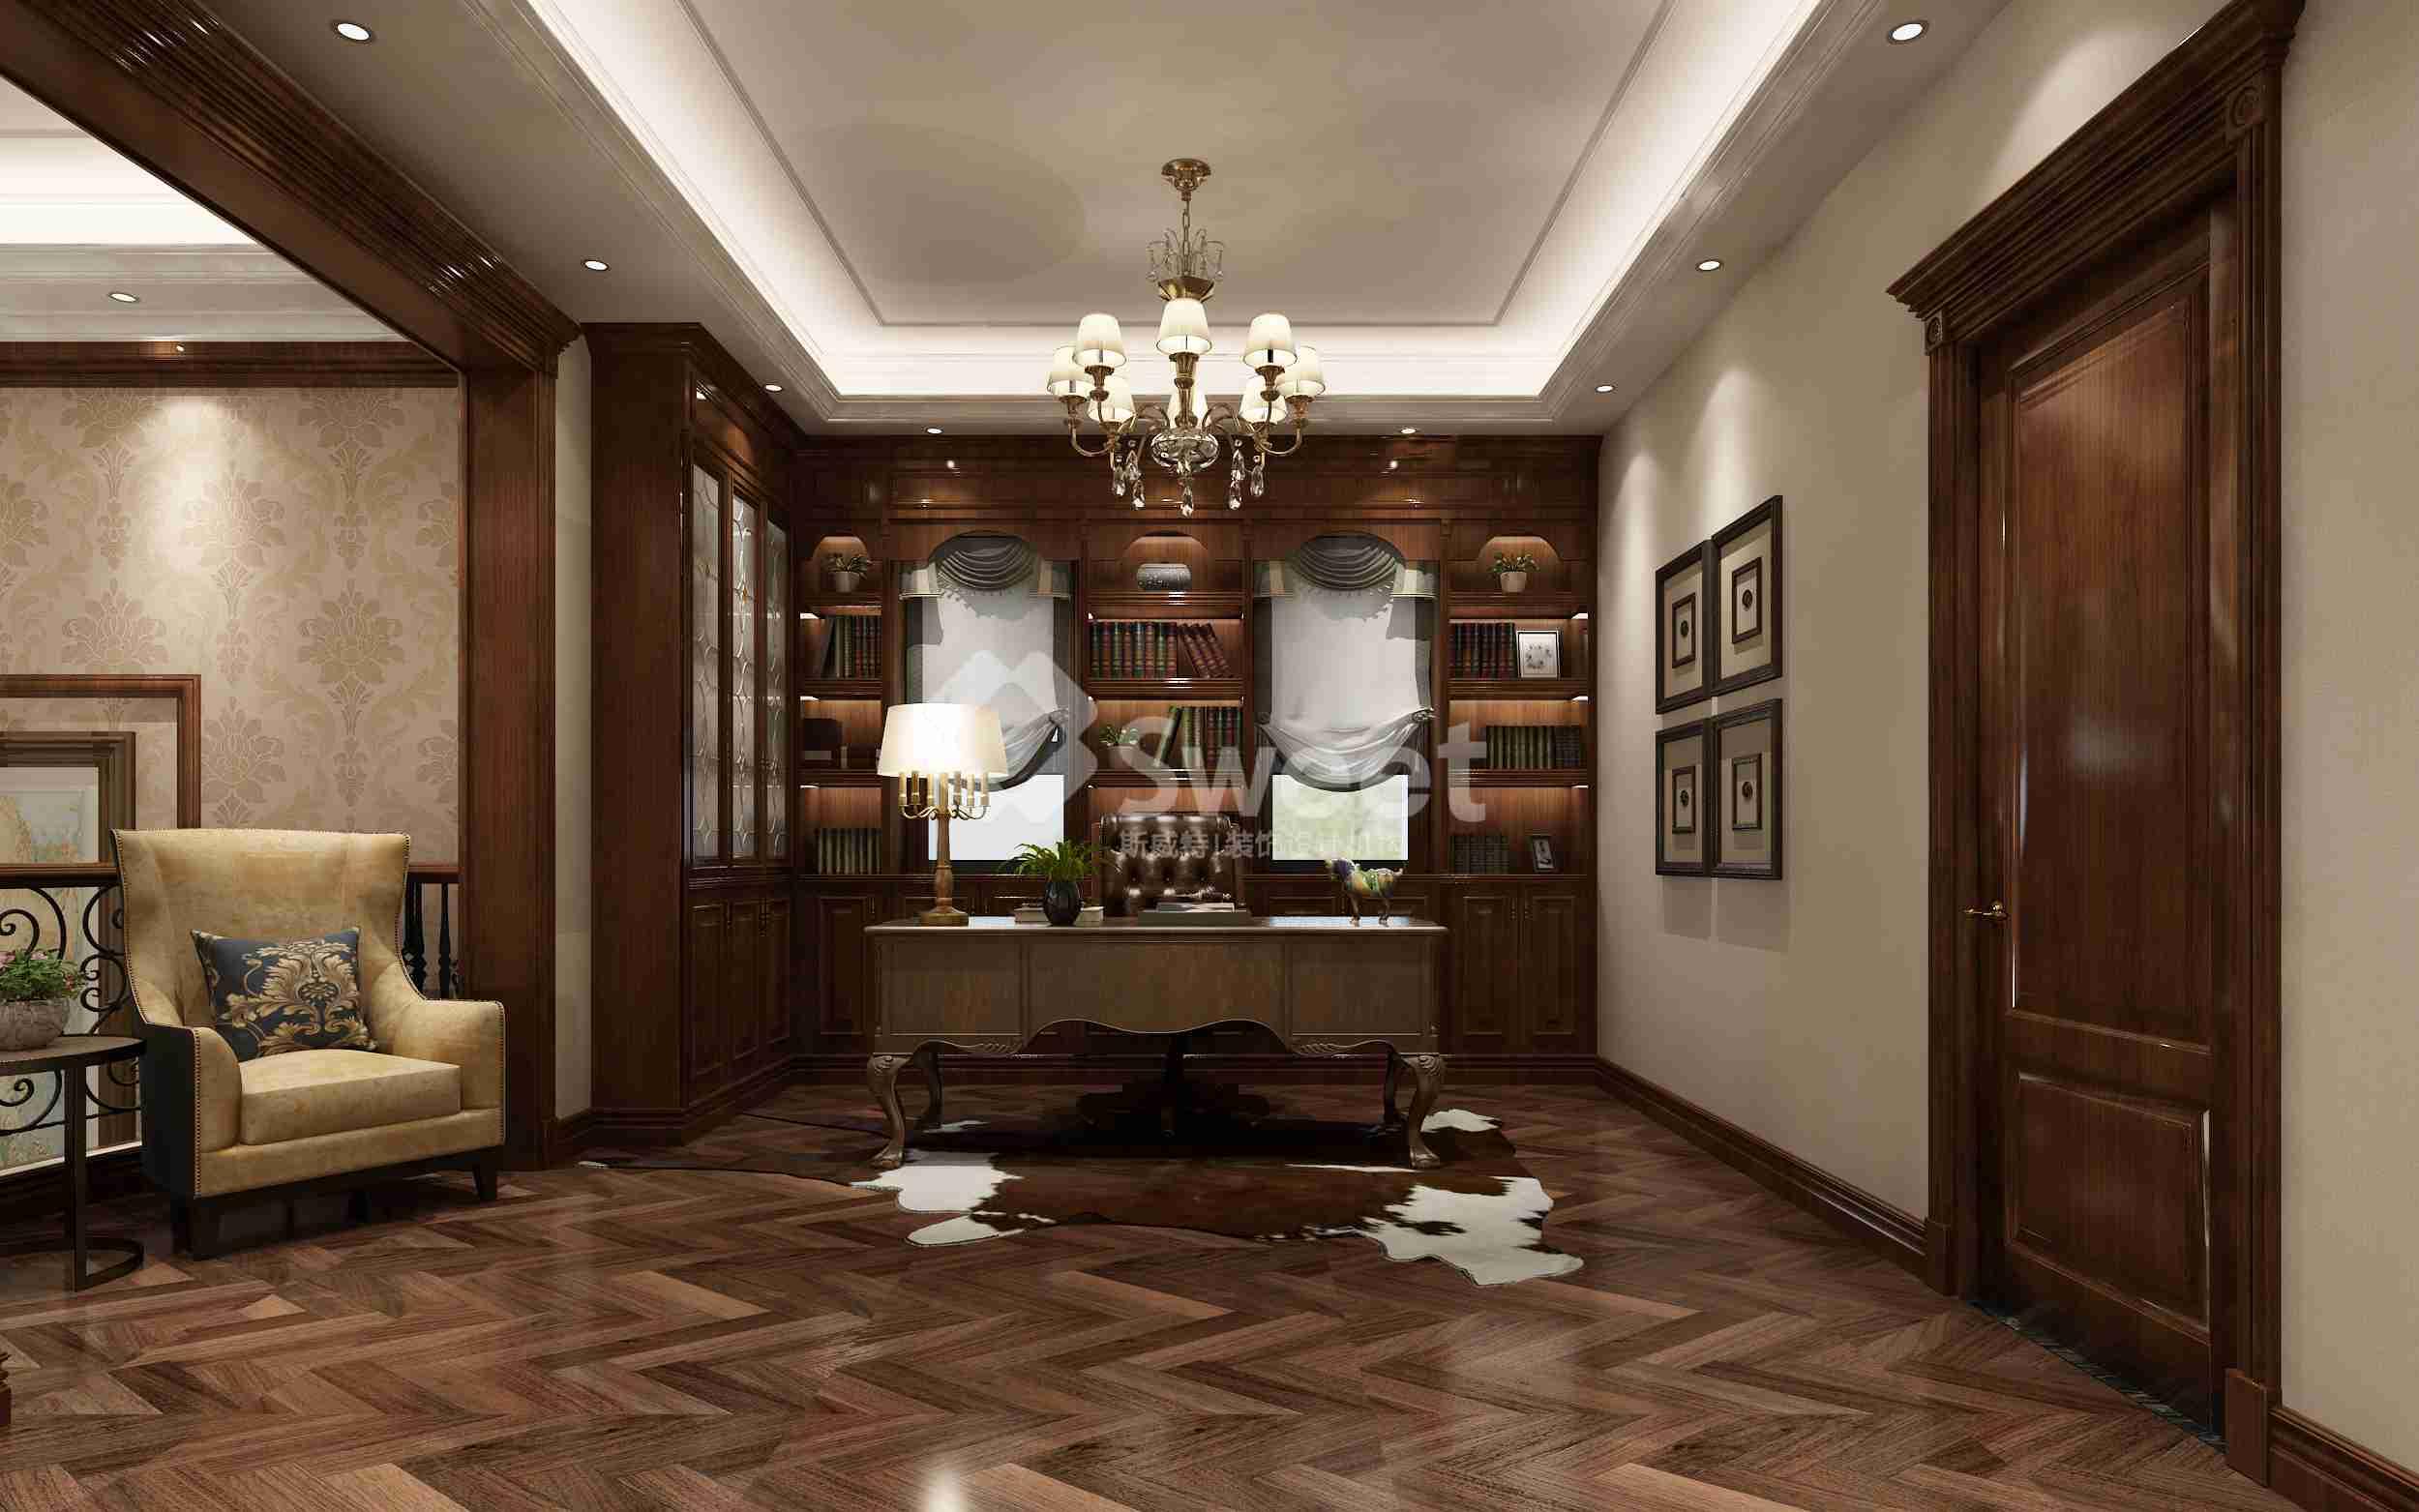 新中式风格造型以简洁明朗的造型为主,以简洁的线条勾画出空间层次感,再配上具有古典气质的家具及现代风格的简洁,极大的满足了现代人追求的时尚感和实用的原则。?